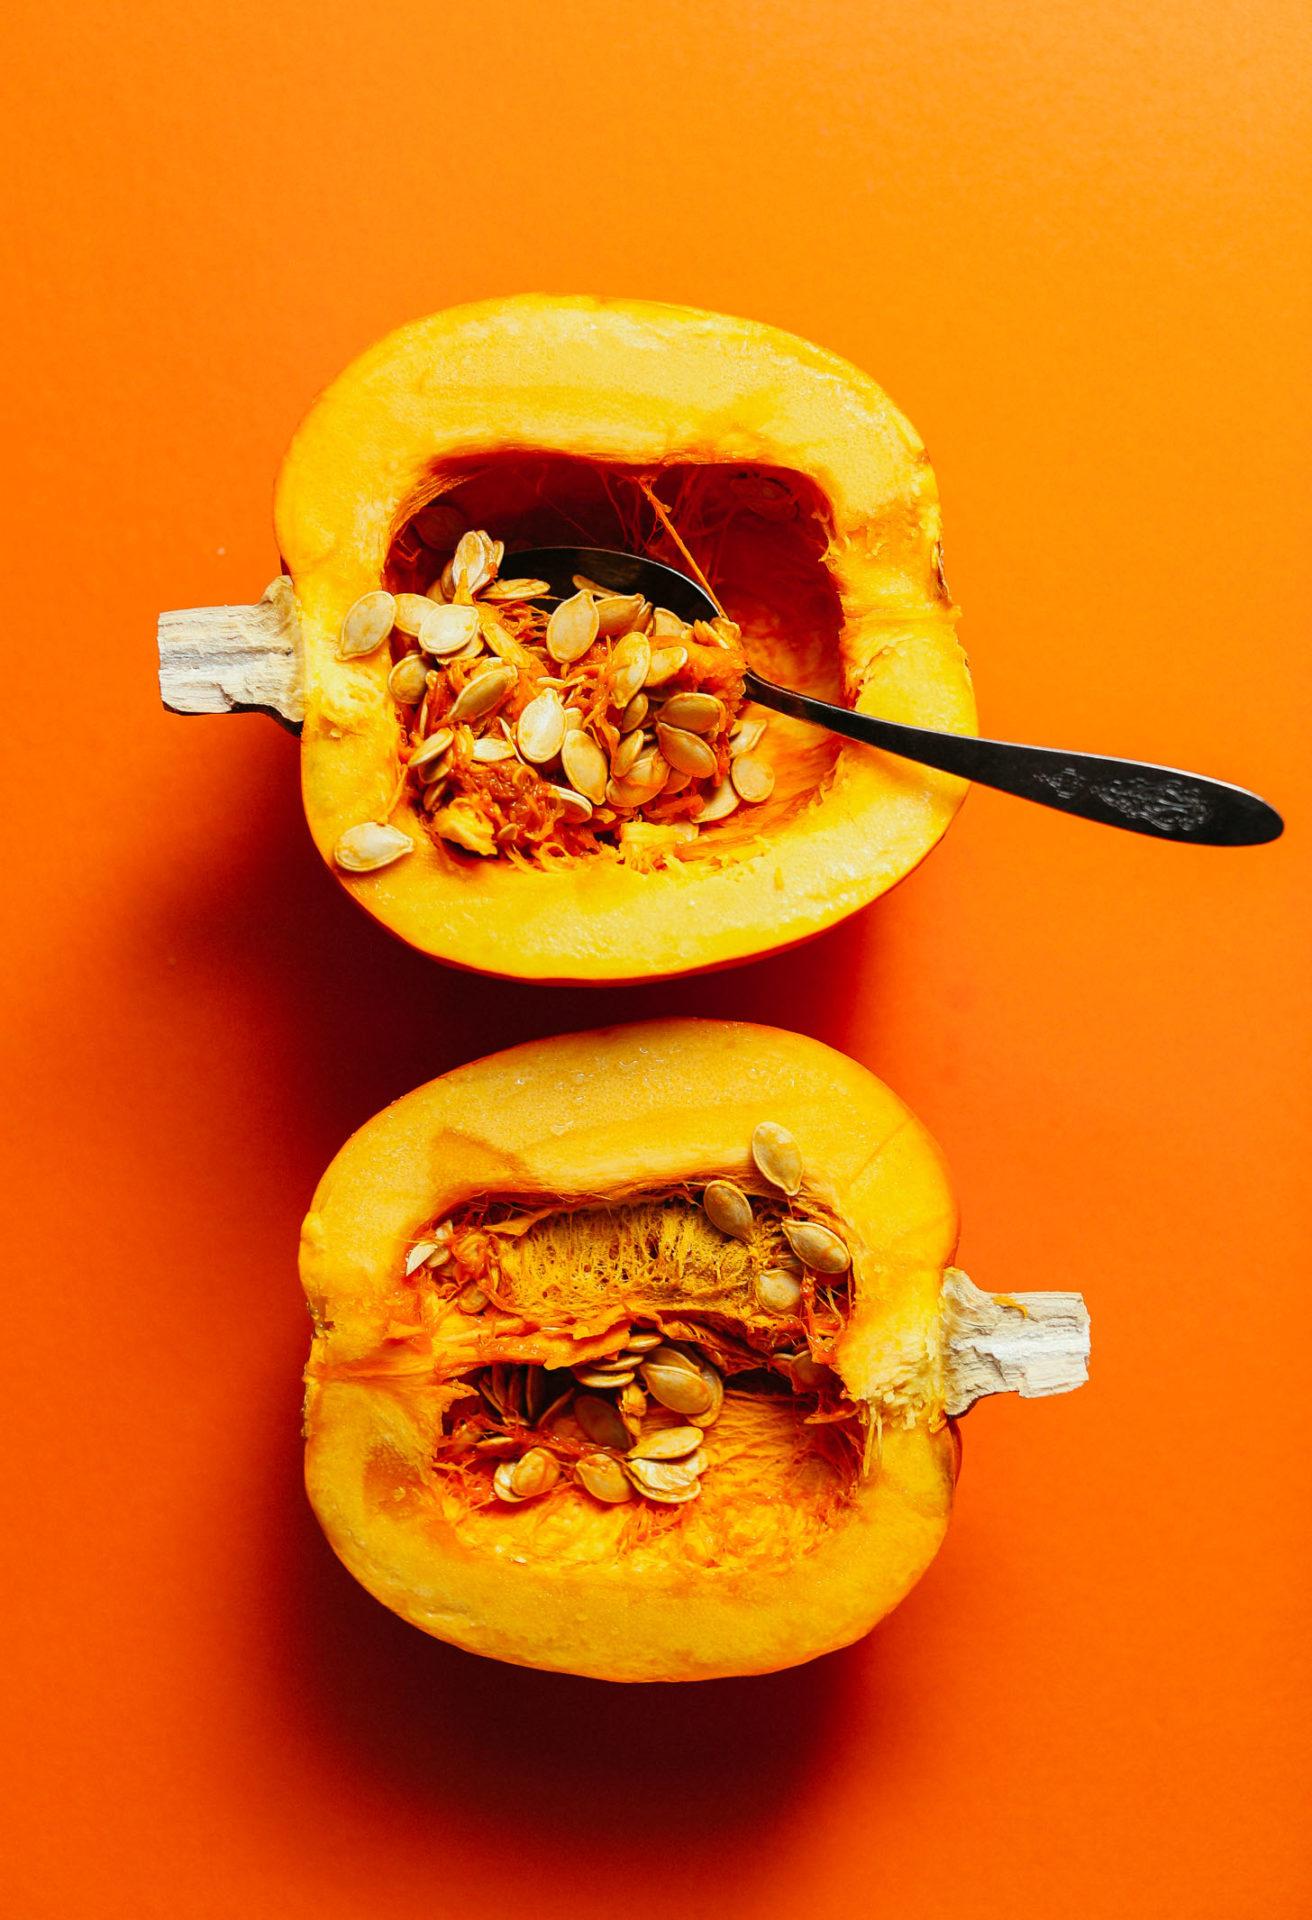 Φθινοπωρινή διατροφή: Συμβουλές για καλύτερη υγεία!